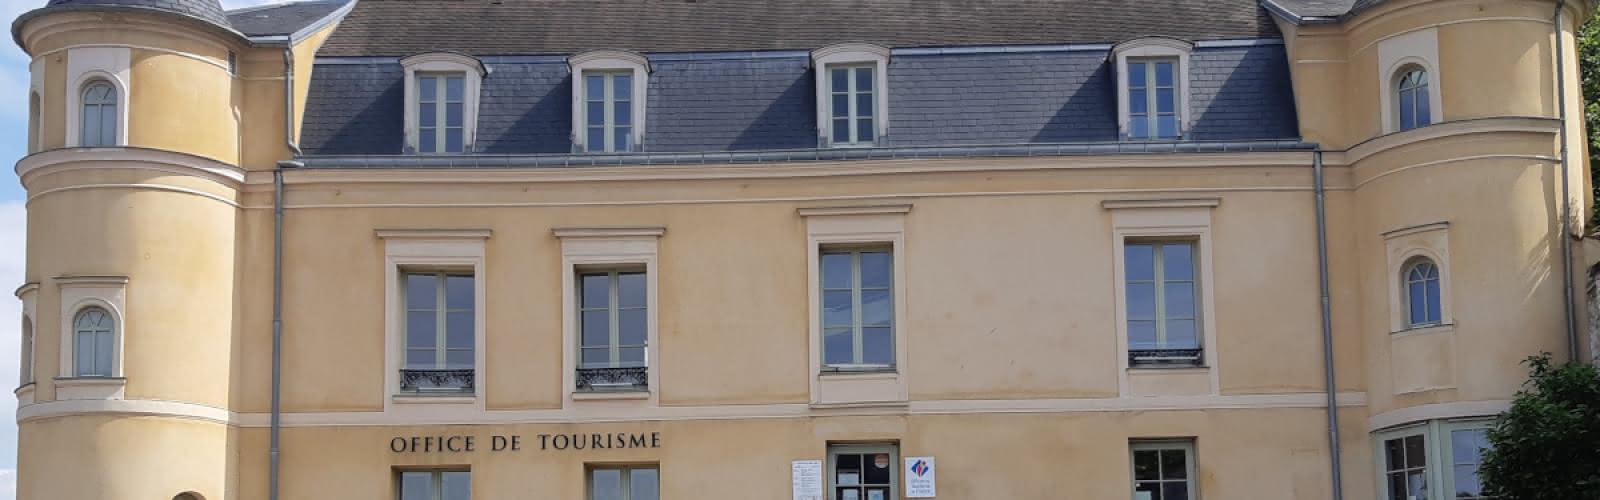 Bureau d'information touristique d'Ecouen